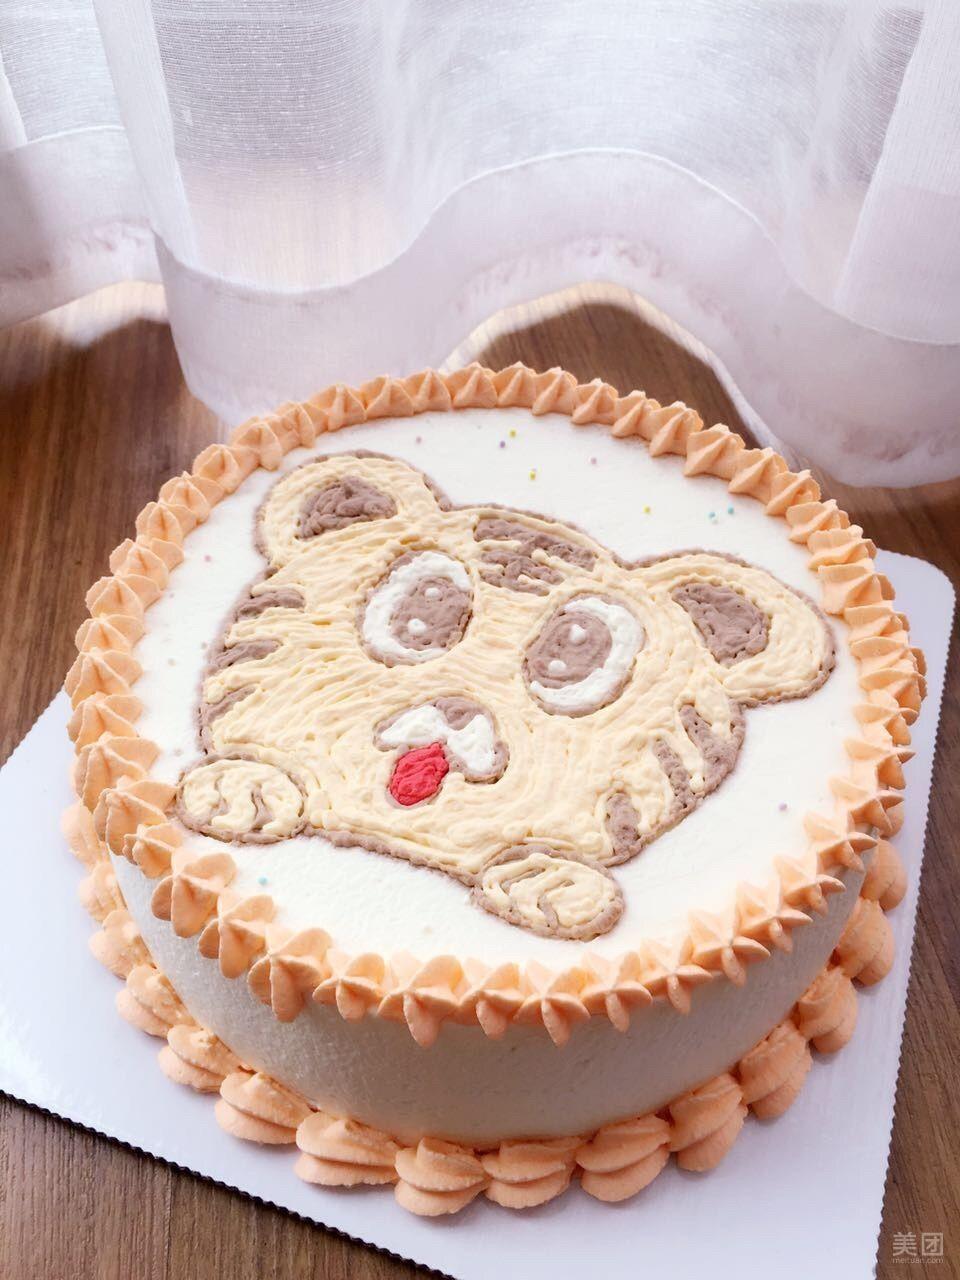 小可爱蛋糕